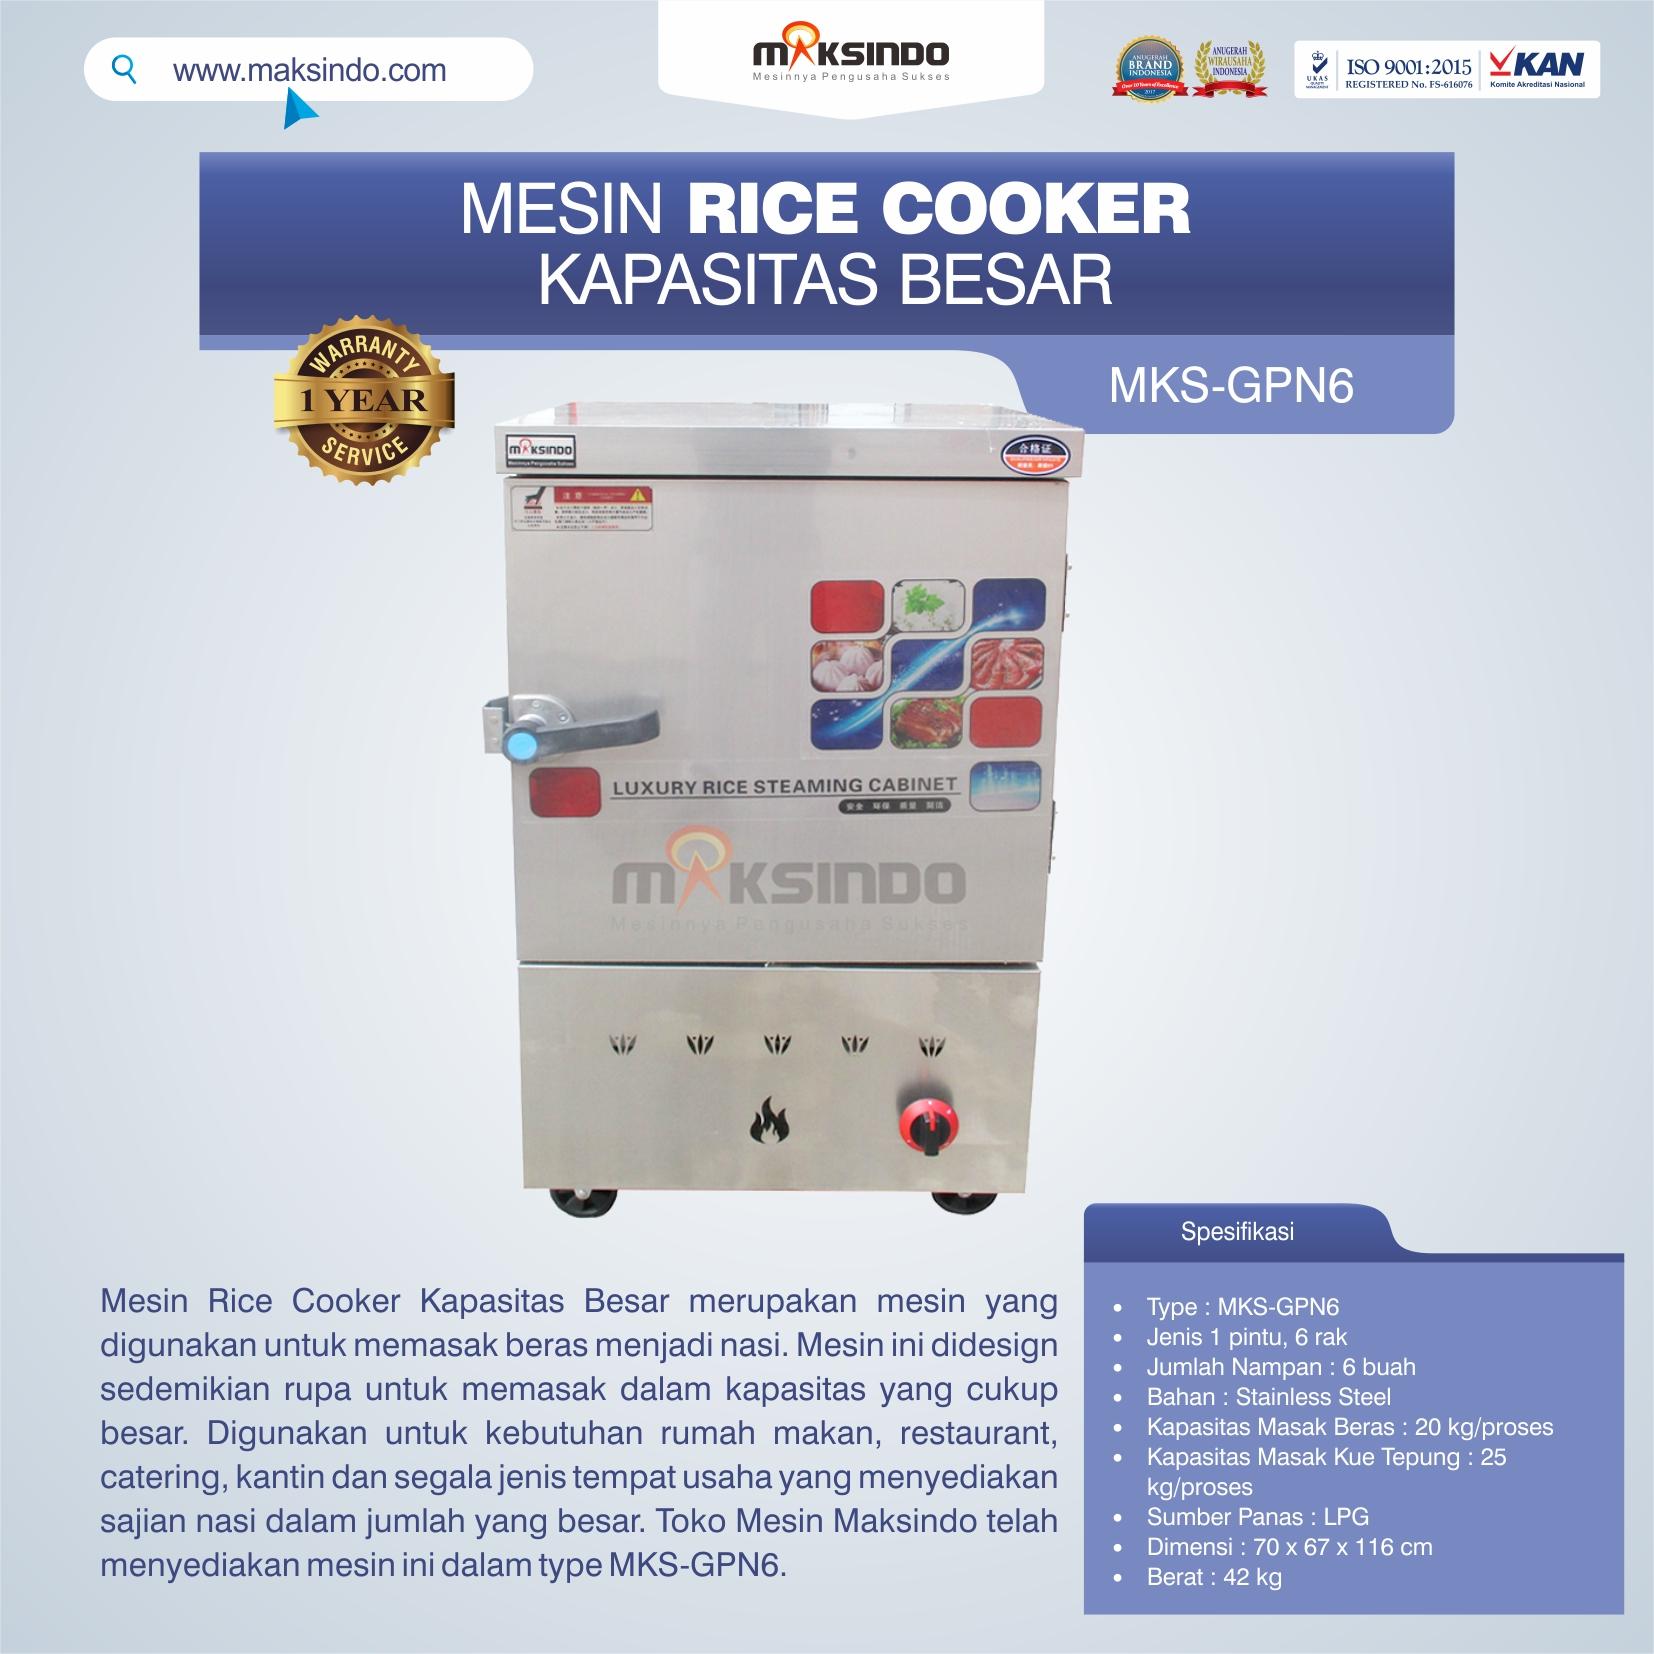 Jual Mesin Rice Cooker Kapasitas Besar MKS-GPN6 di Bogor